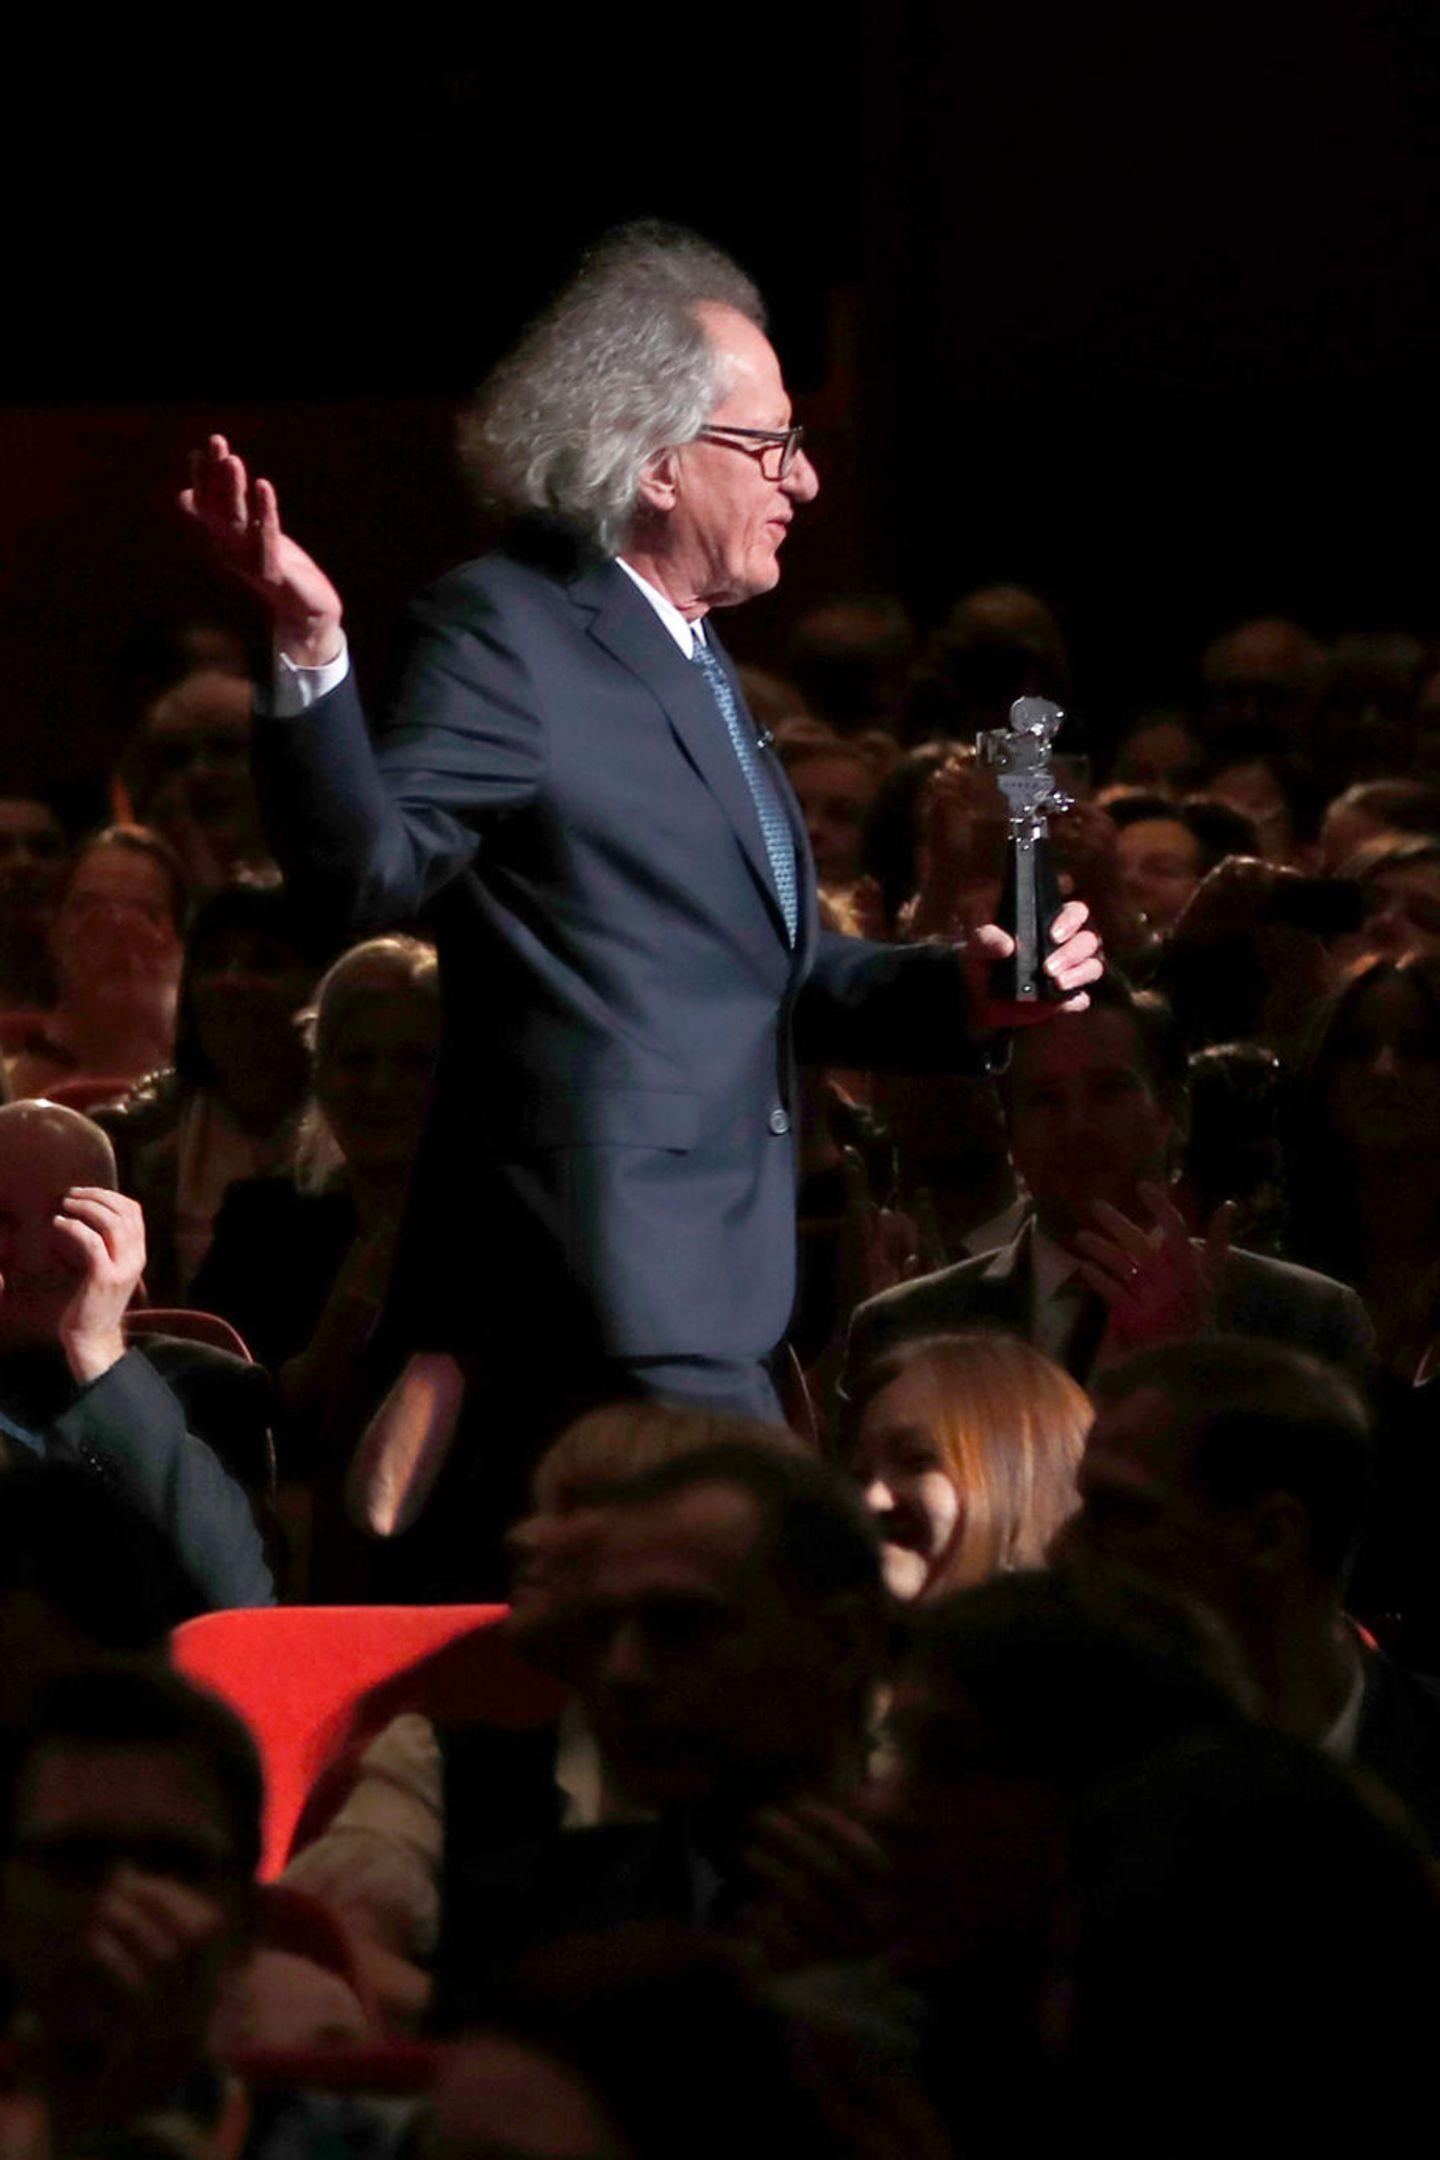 Geoffrey Rushwird mit der Berlinale-Kamera für seine langjährige Verbundenheit mit dem Festival ausgezeichnet.